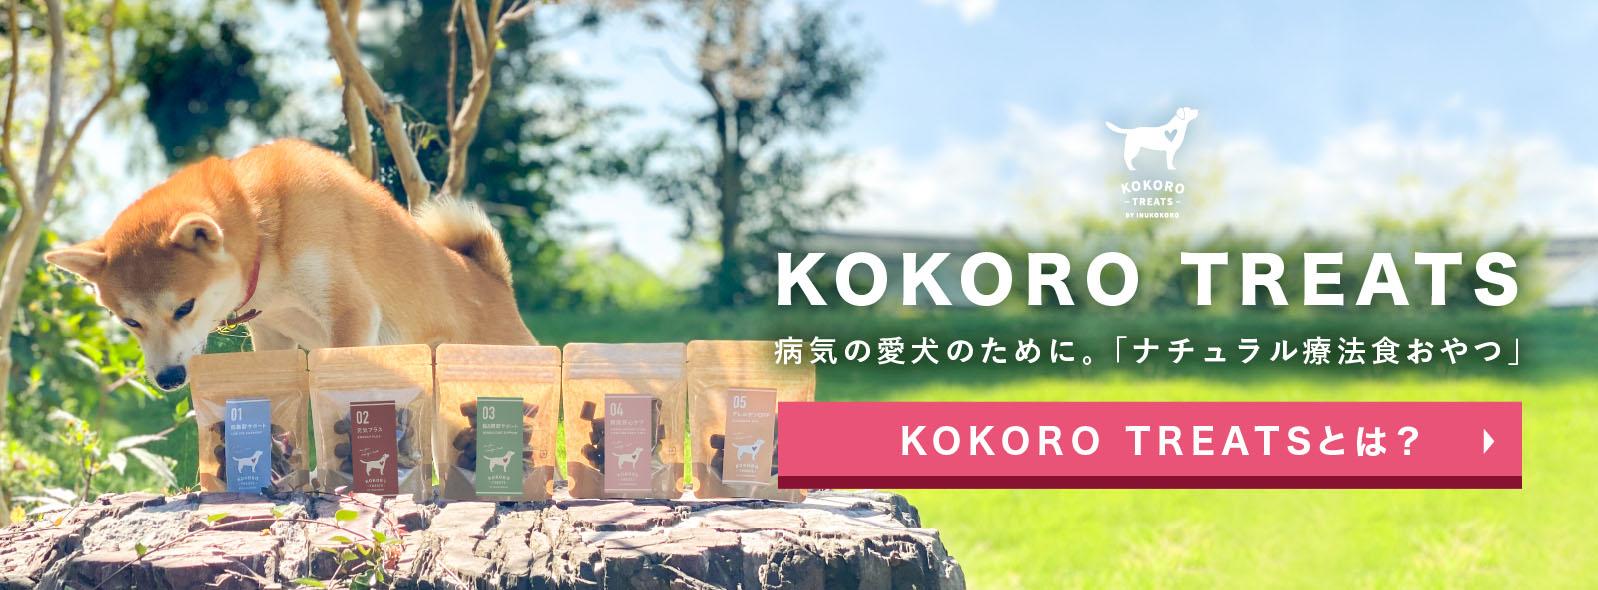 病気の愛犬のために。ナチュラル療法食おやつ「KOKORO TREATS」